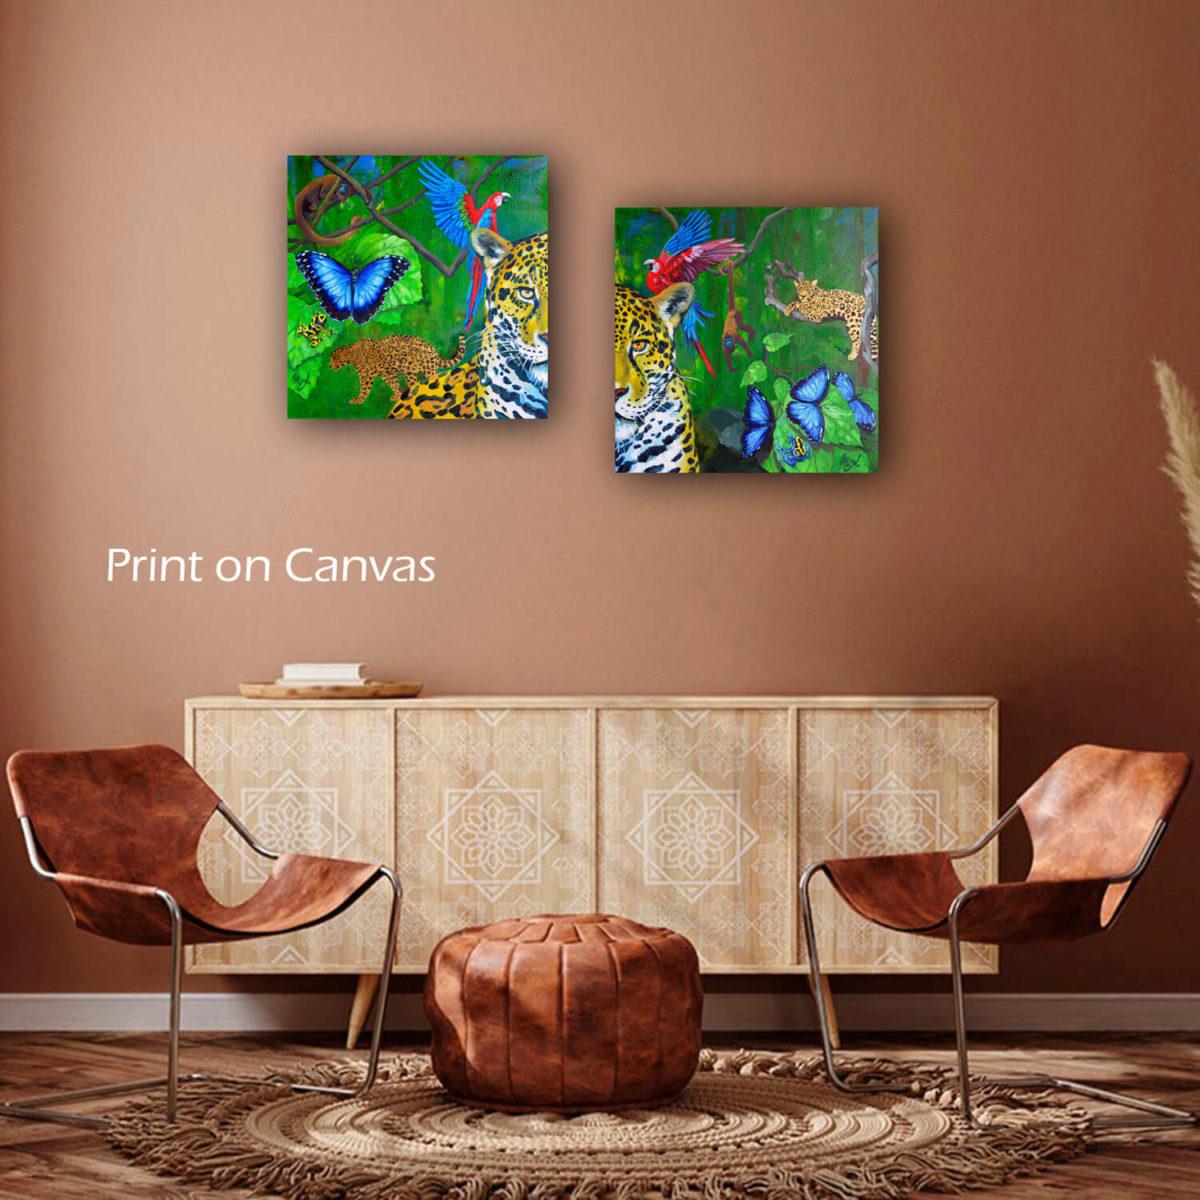 Jaguar painting at home-prints